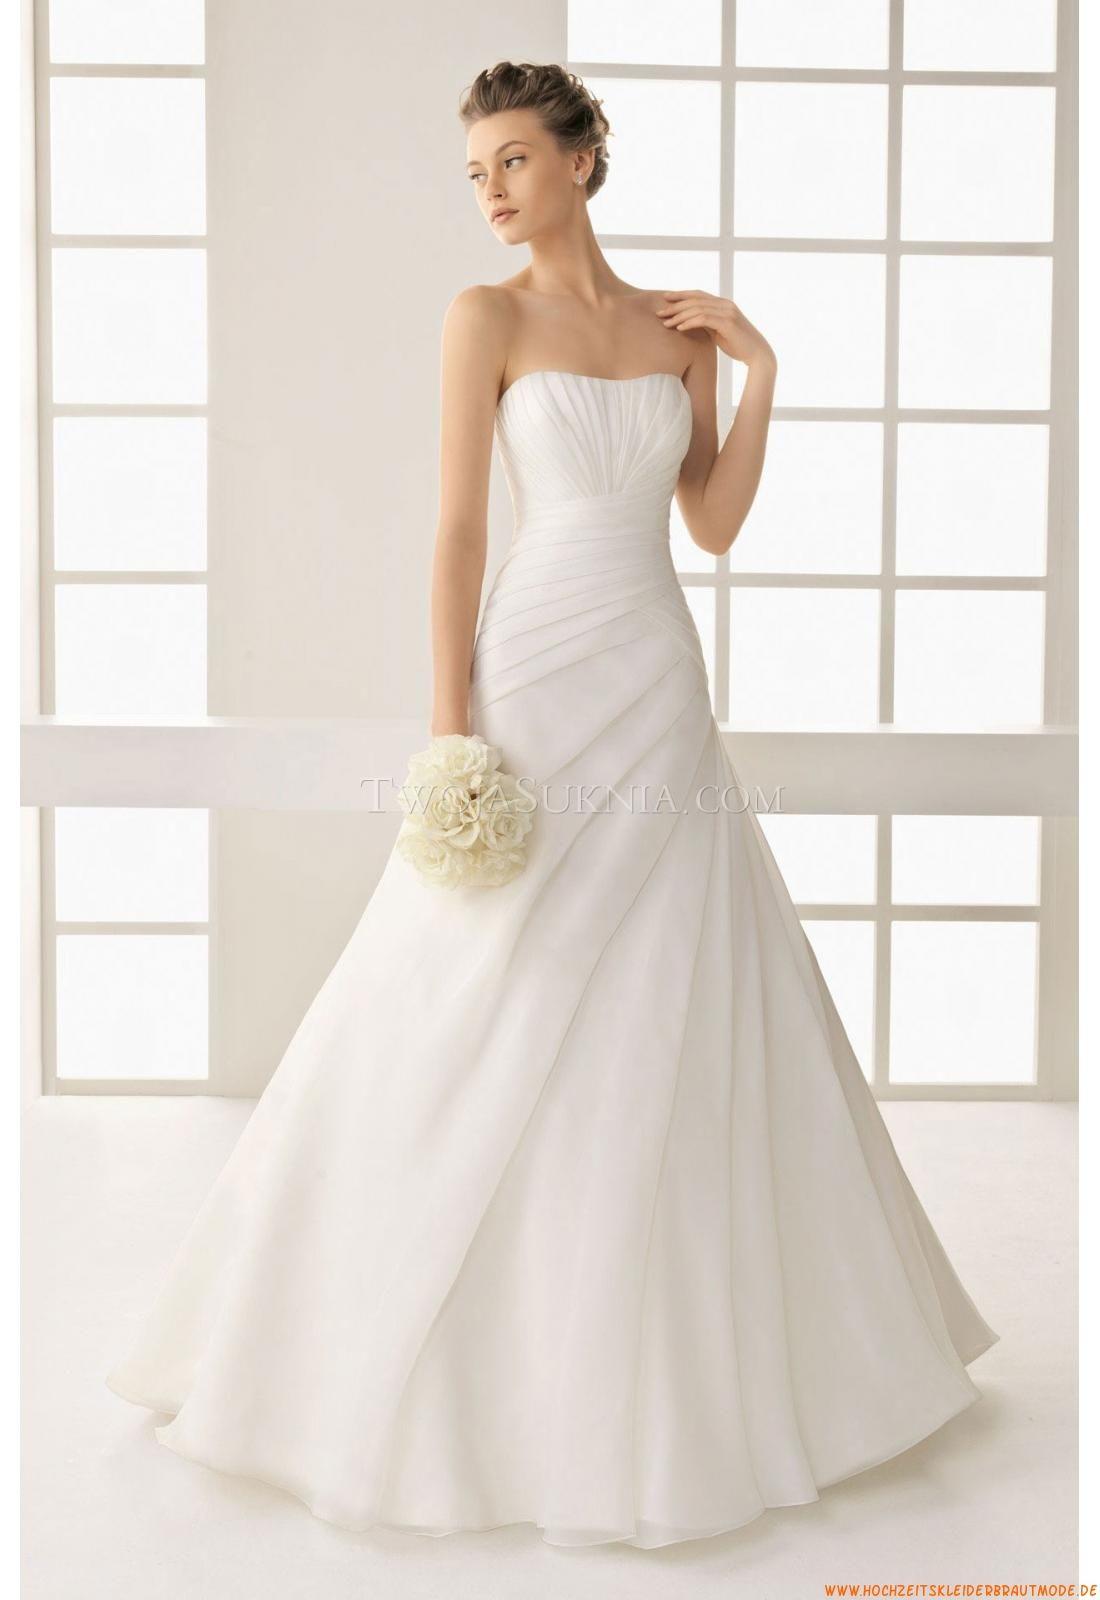 Winter Brautkleider 2014 Brautmode Ausverkauf In 2019 Wedding